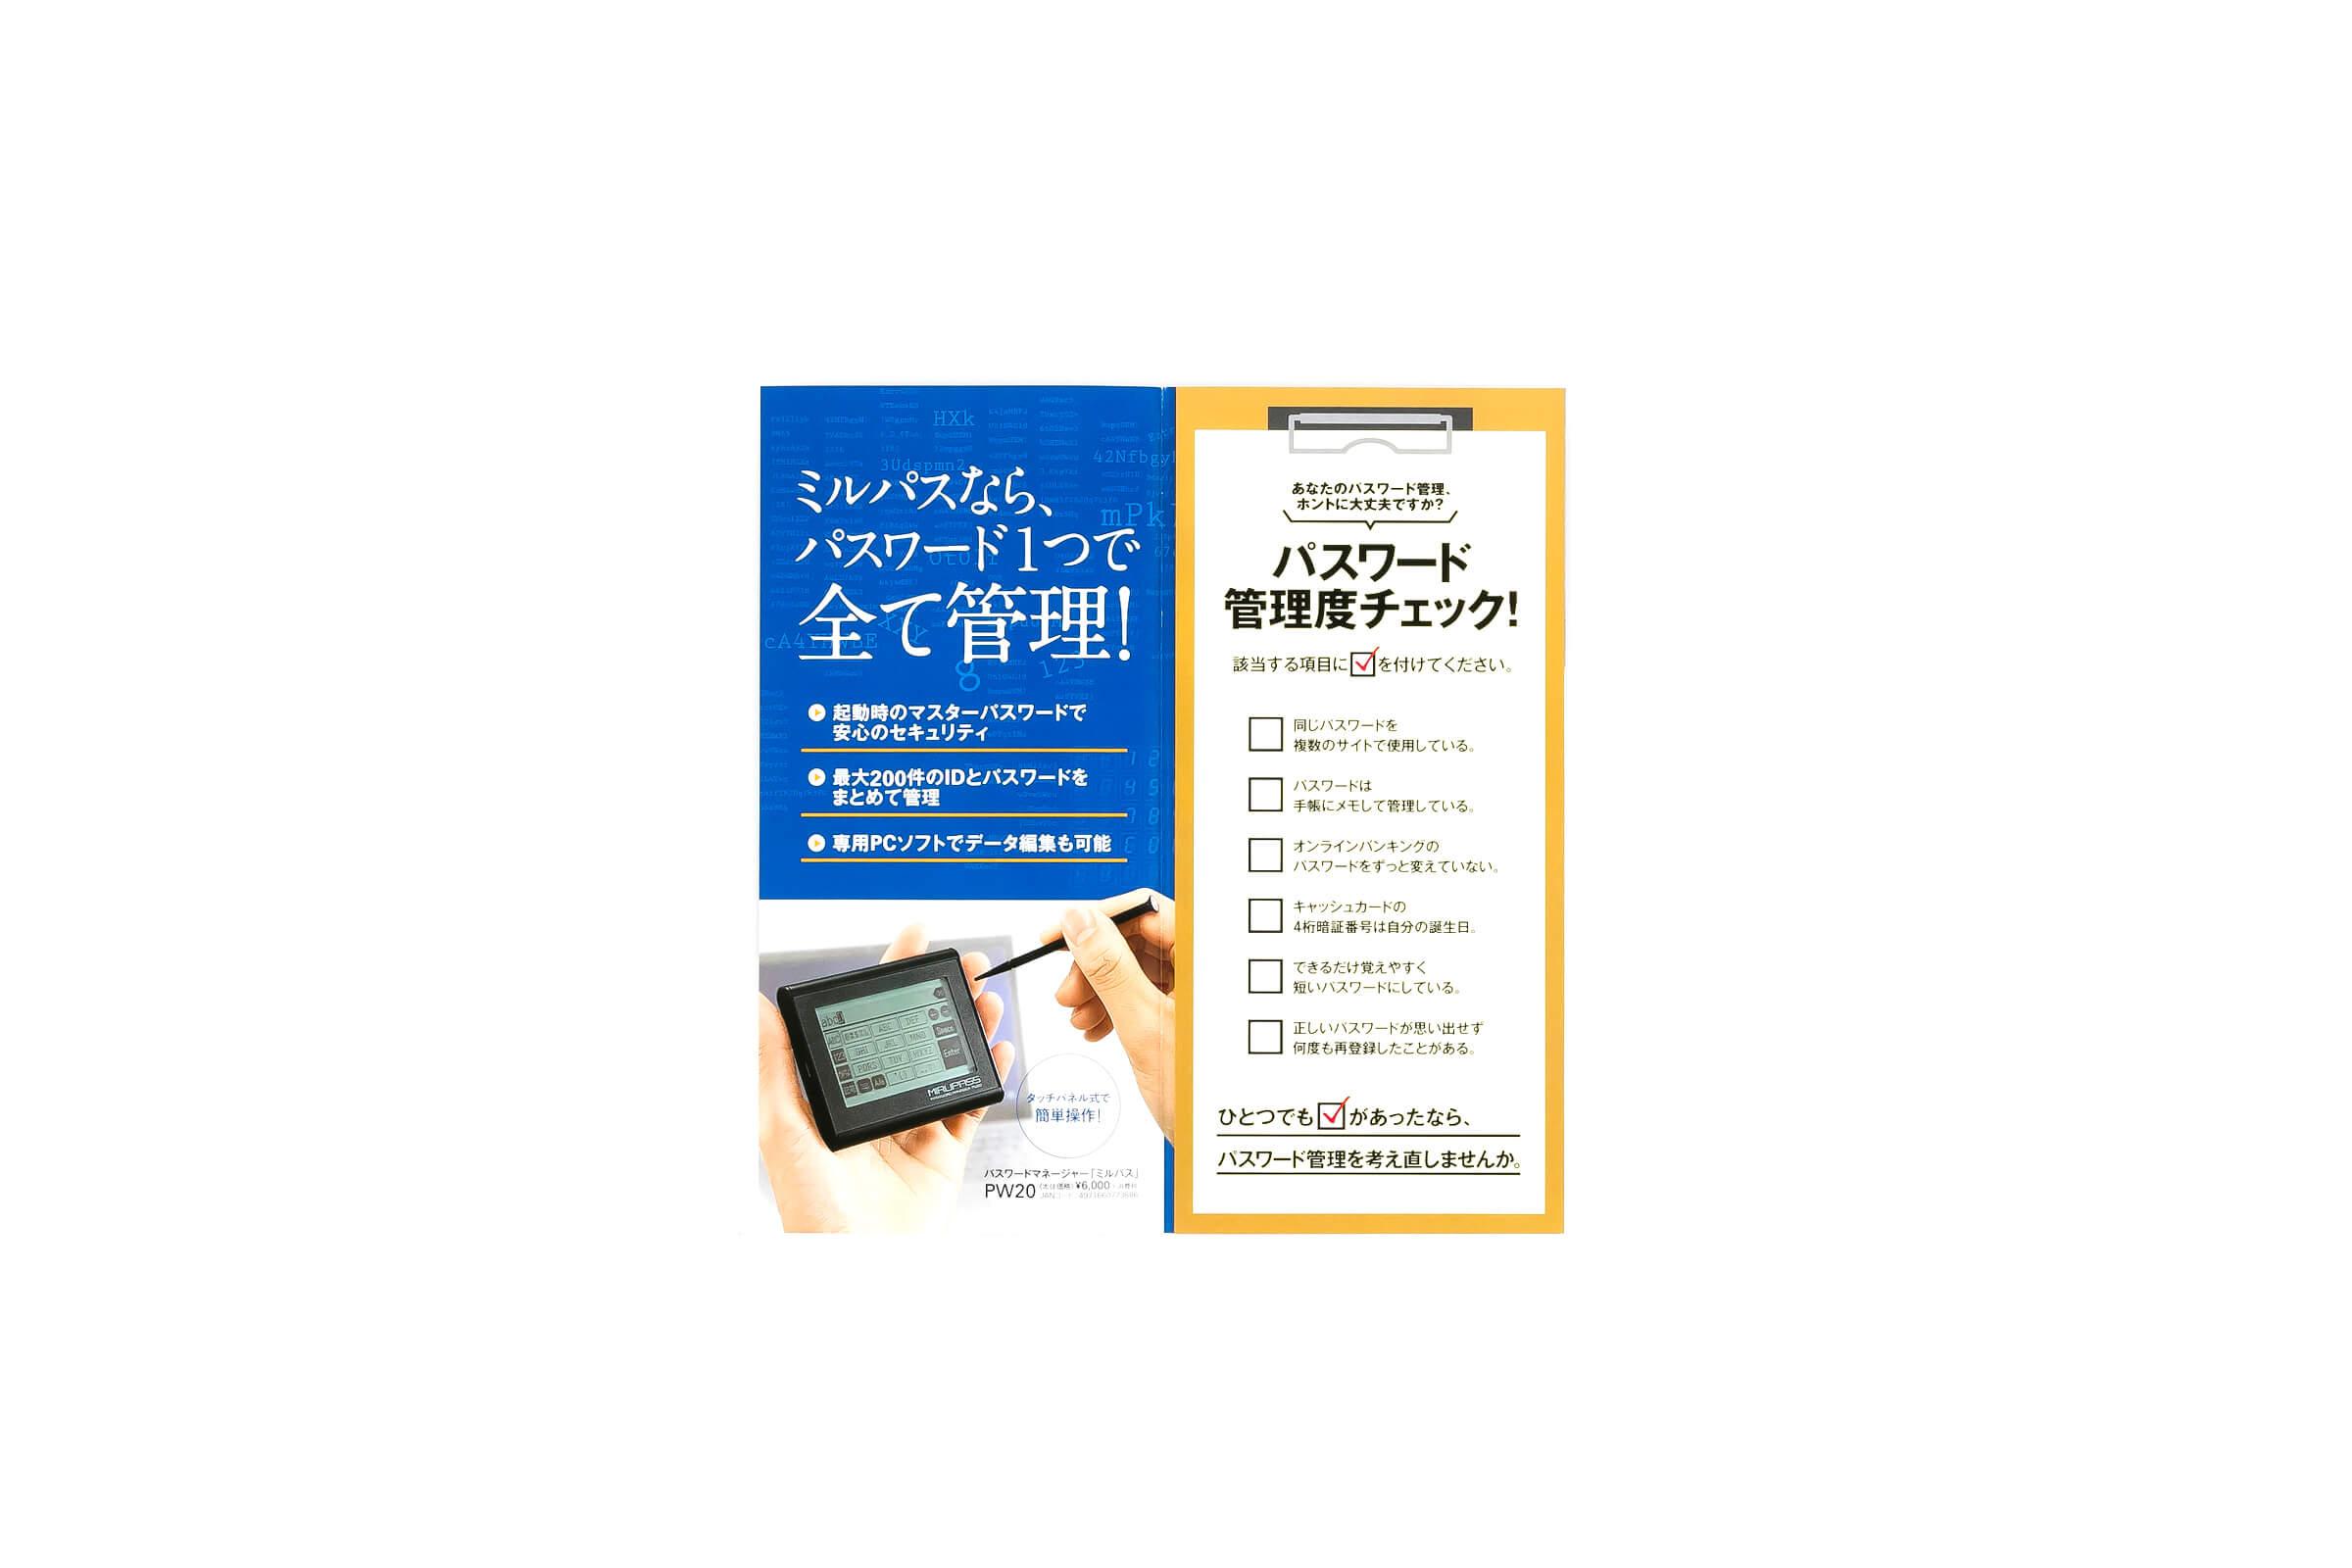 株式会社キングジム パスワードマネージャー ミルパスカタログ P2-3